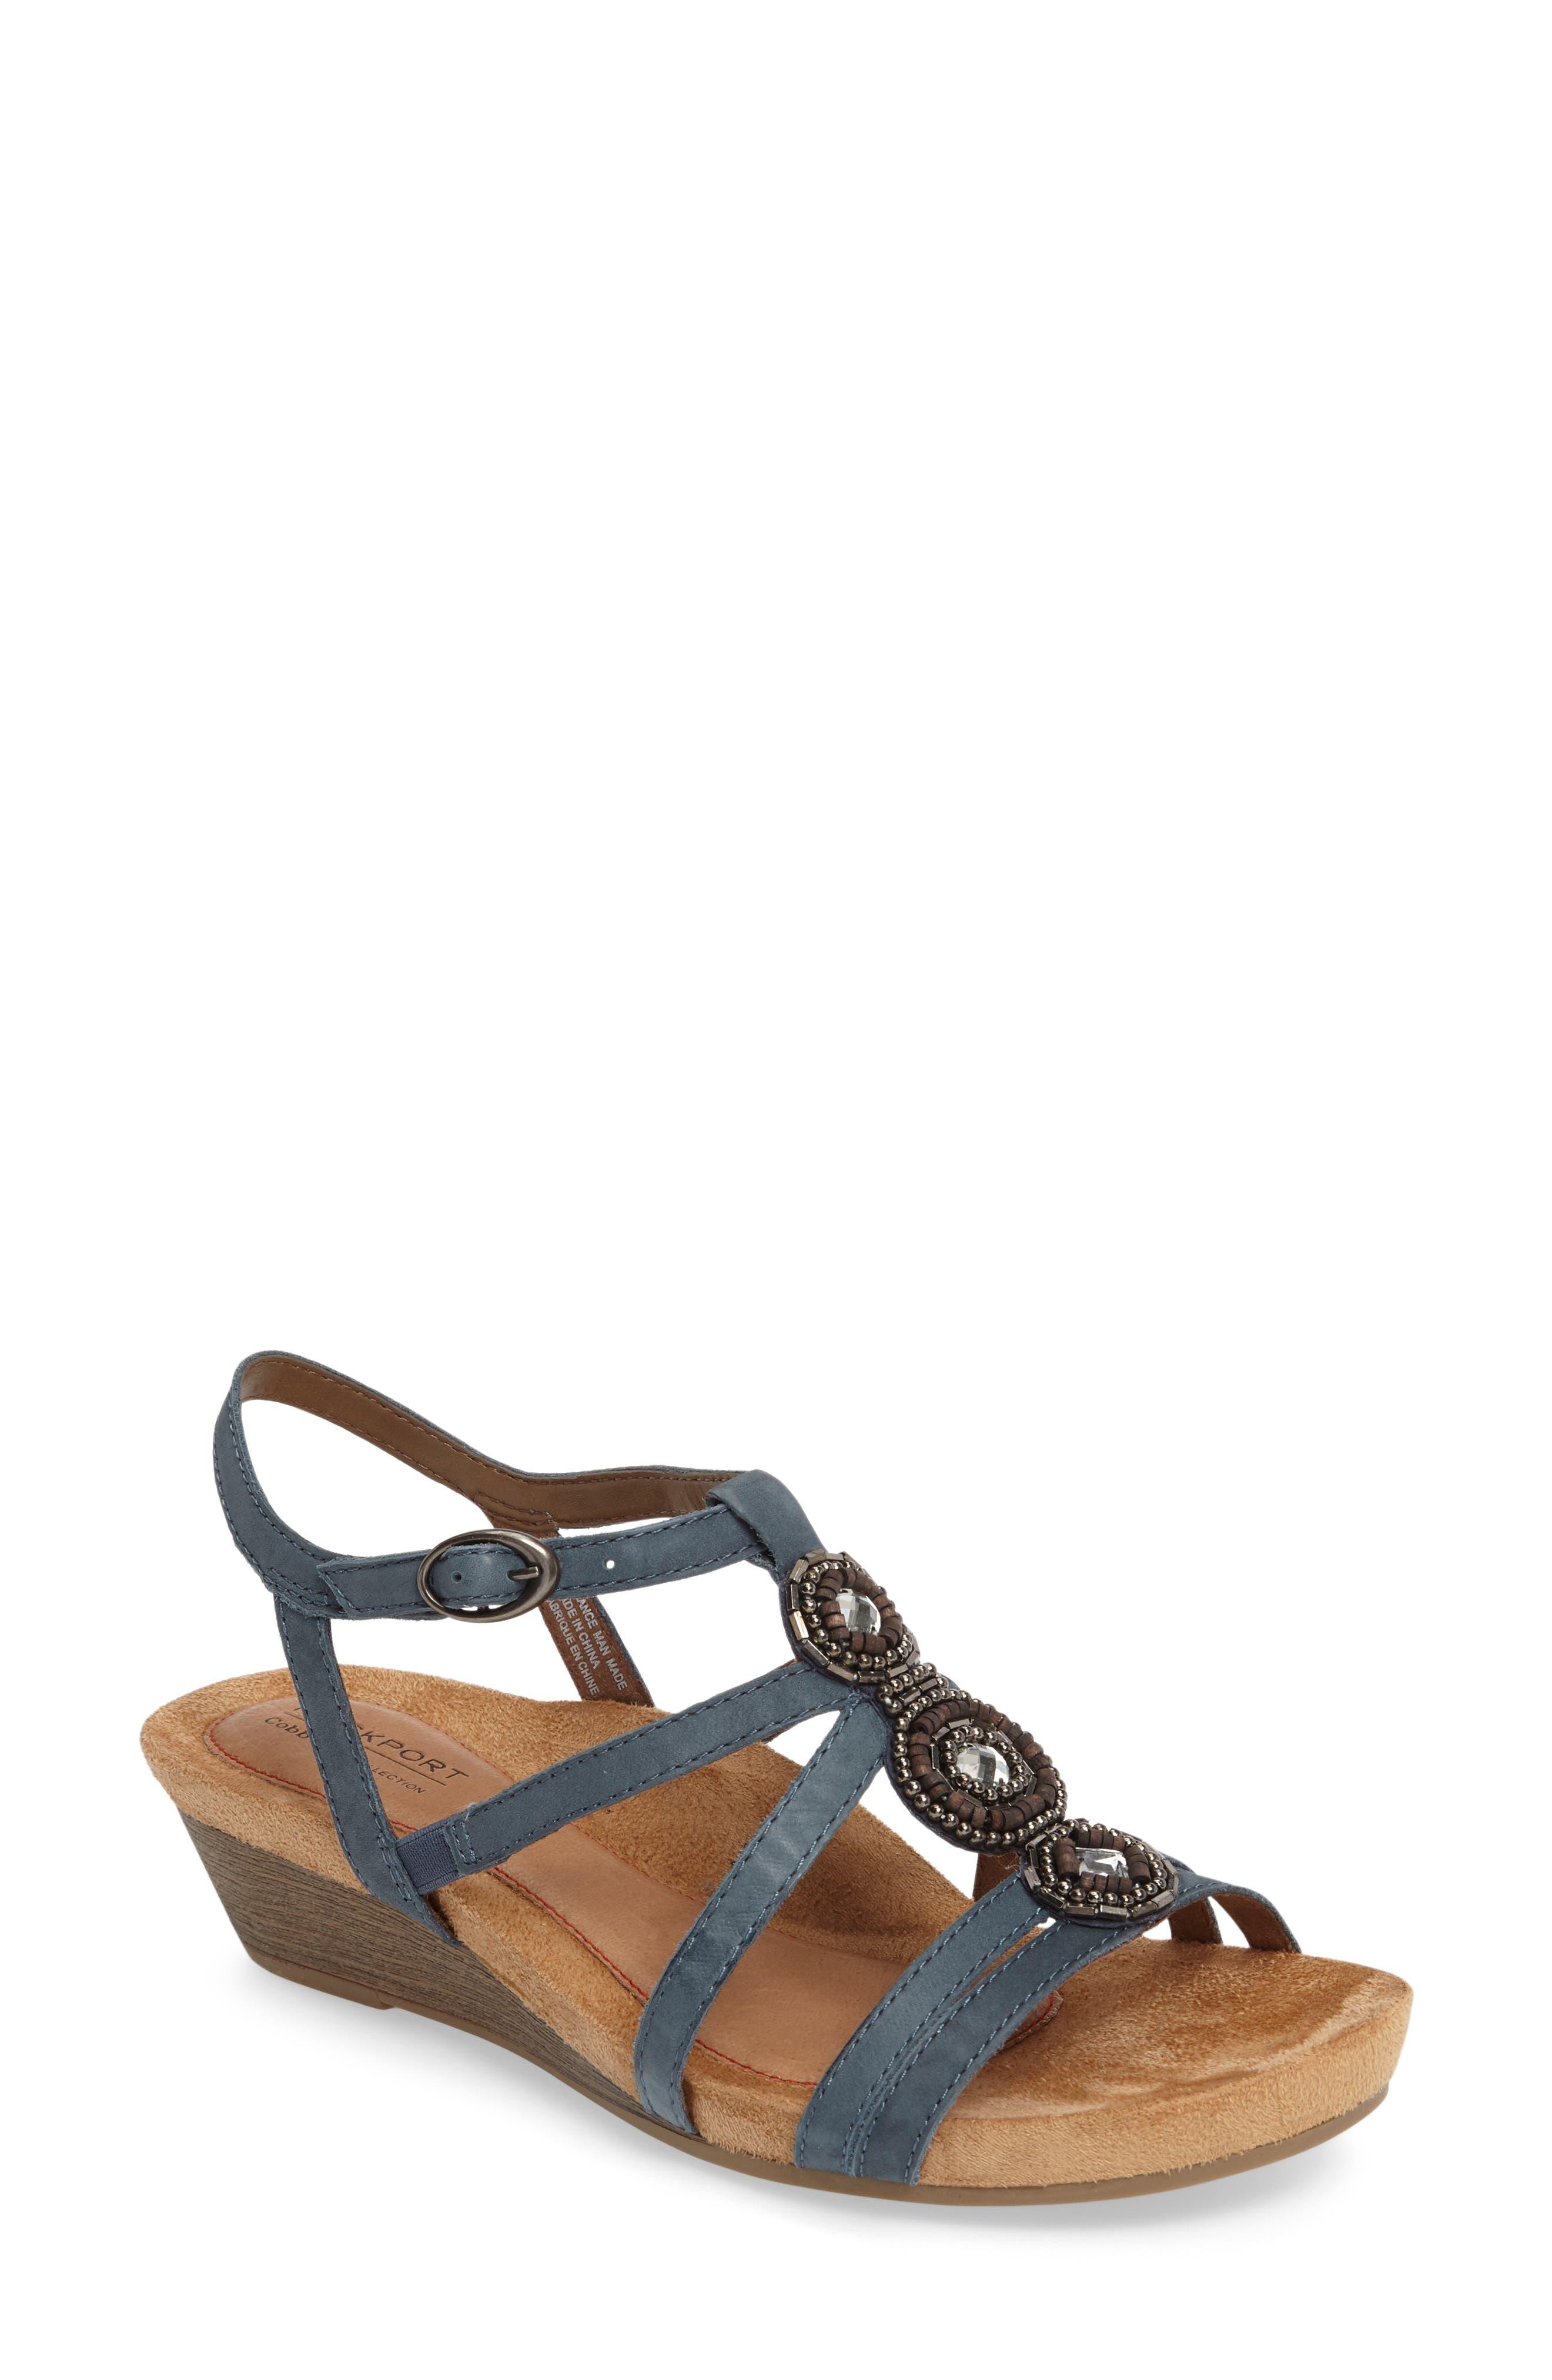 'Hannah' Leather Sandal,                         Main,                         color, BLUE NUBUCK